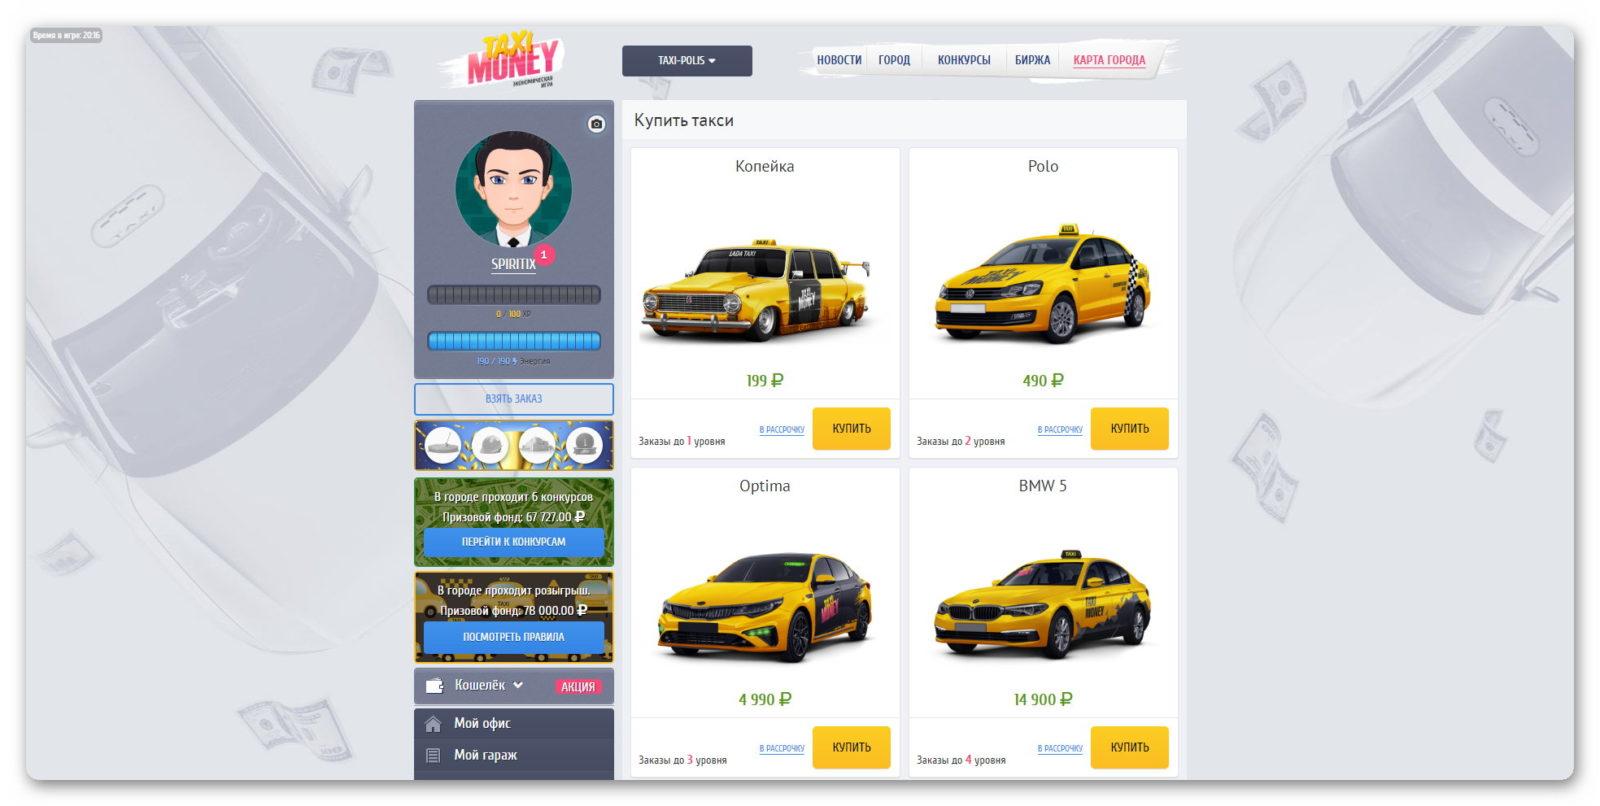 Купить такси в игре Taxi-Money